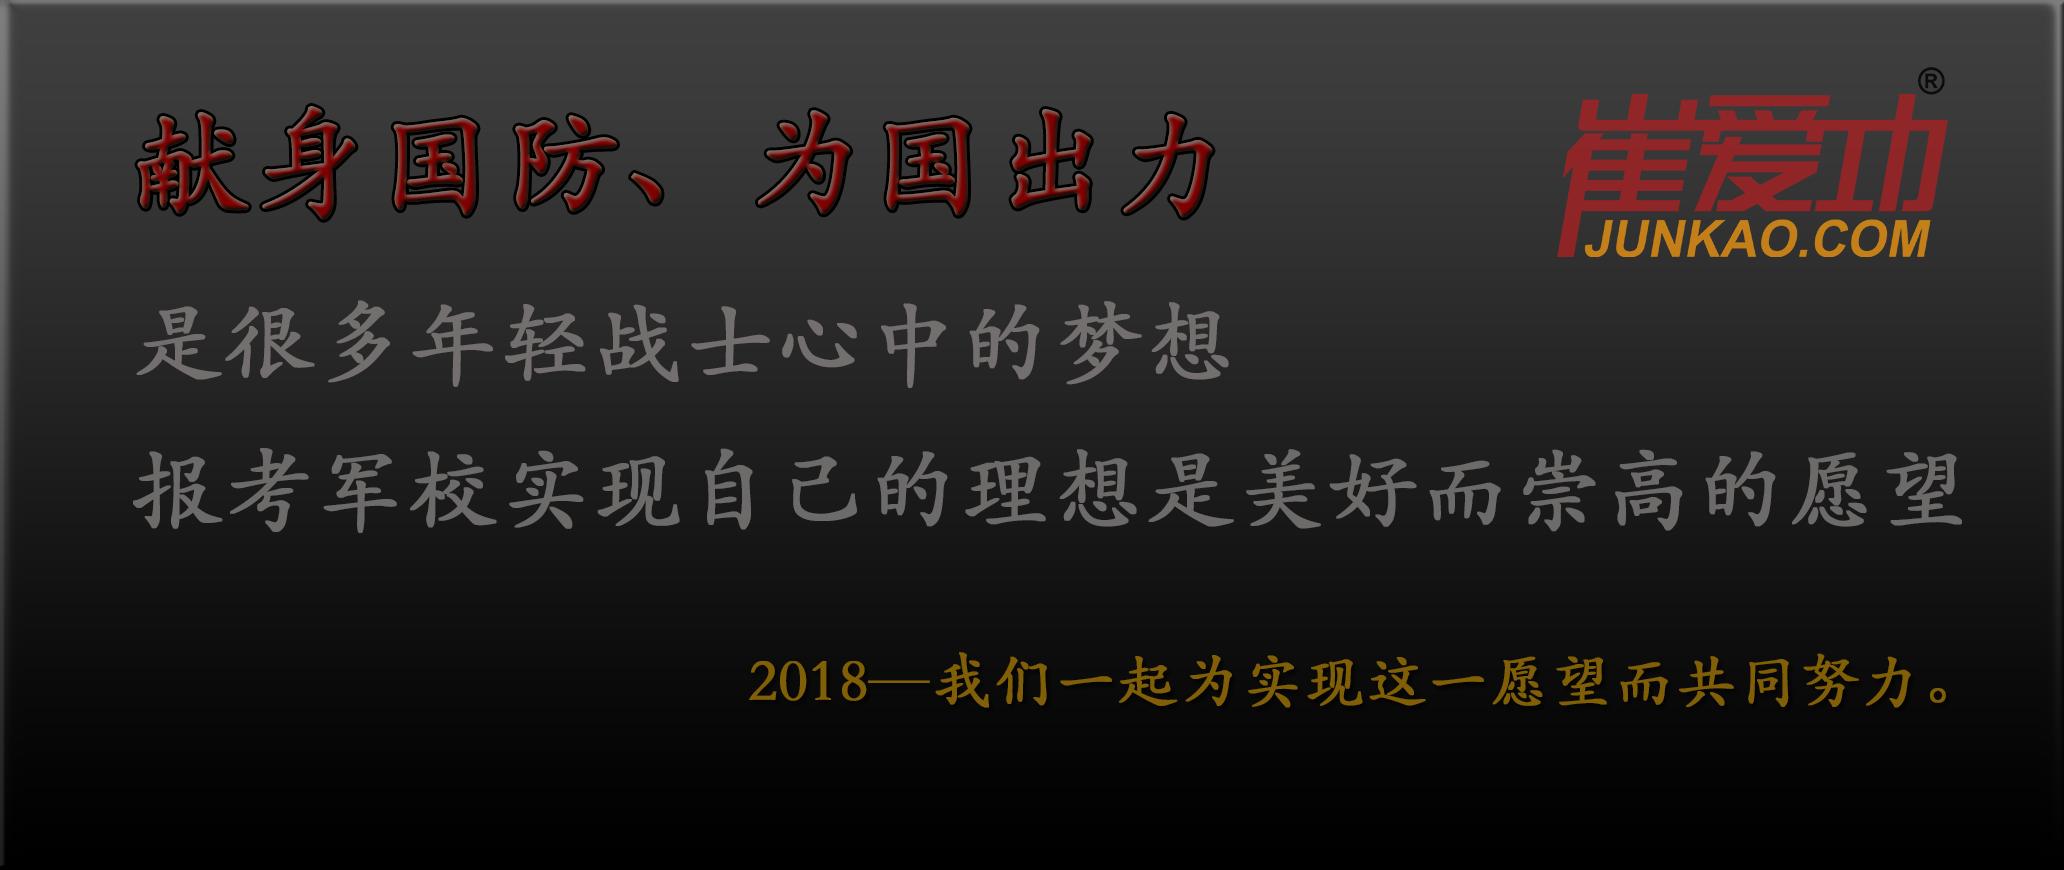 2018年军考之路—北京崔爱功军考教学团队